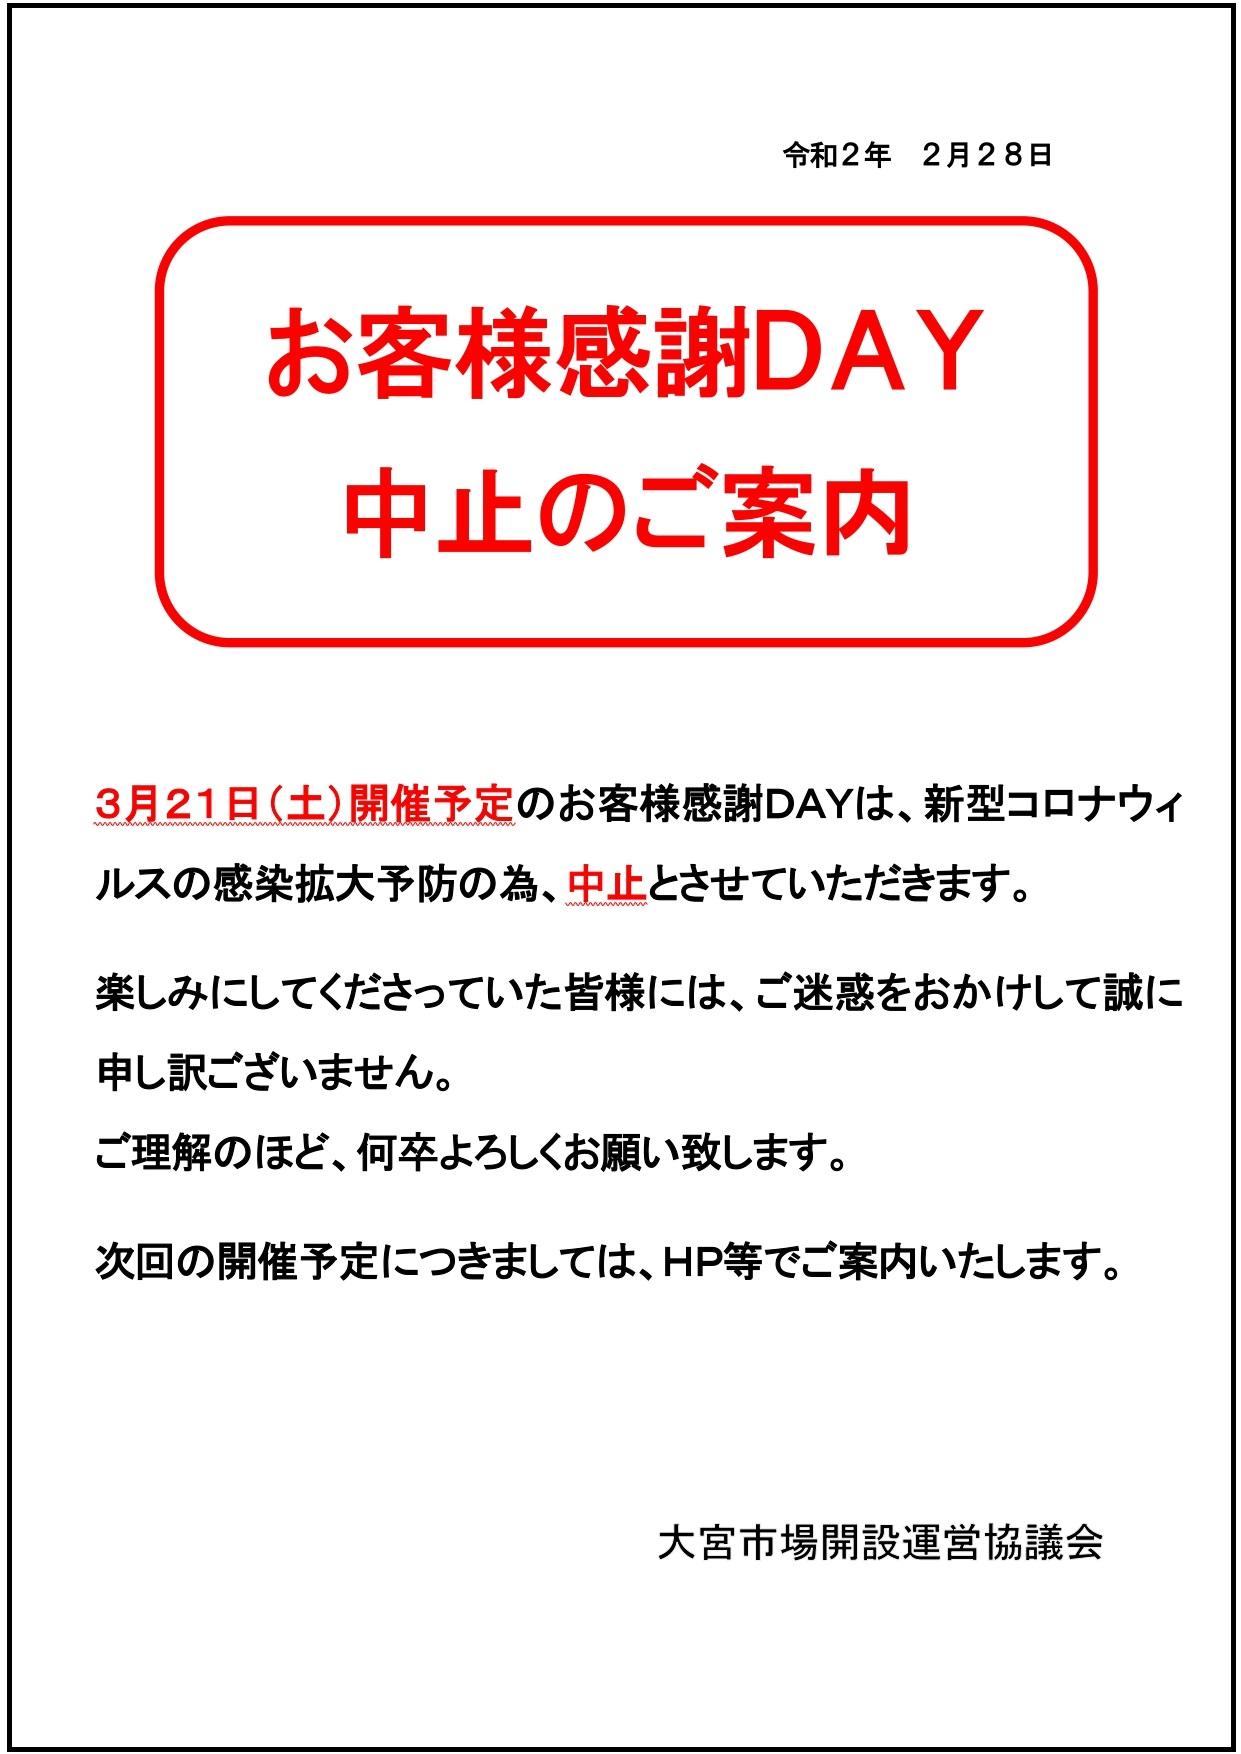 イベント 中止 の ご 案内 開催中止のお知らせ例文|お知らせ用 ホームページテンプレート